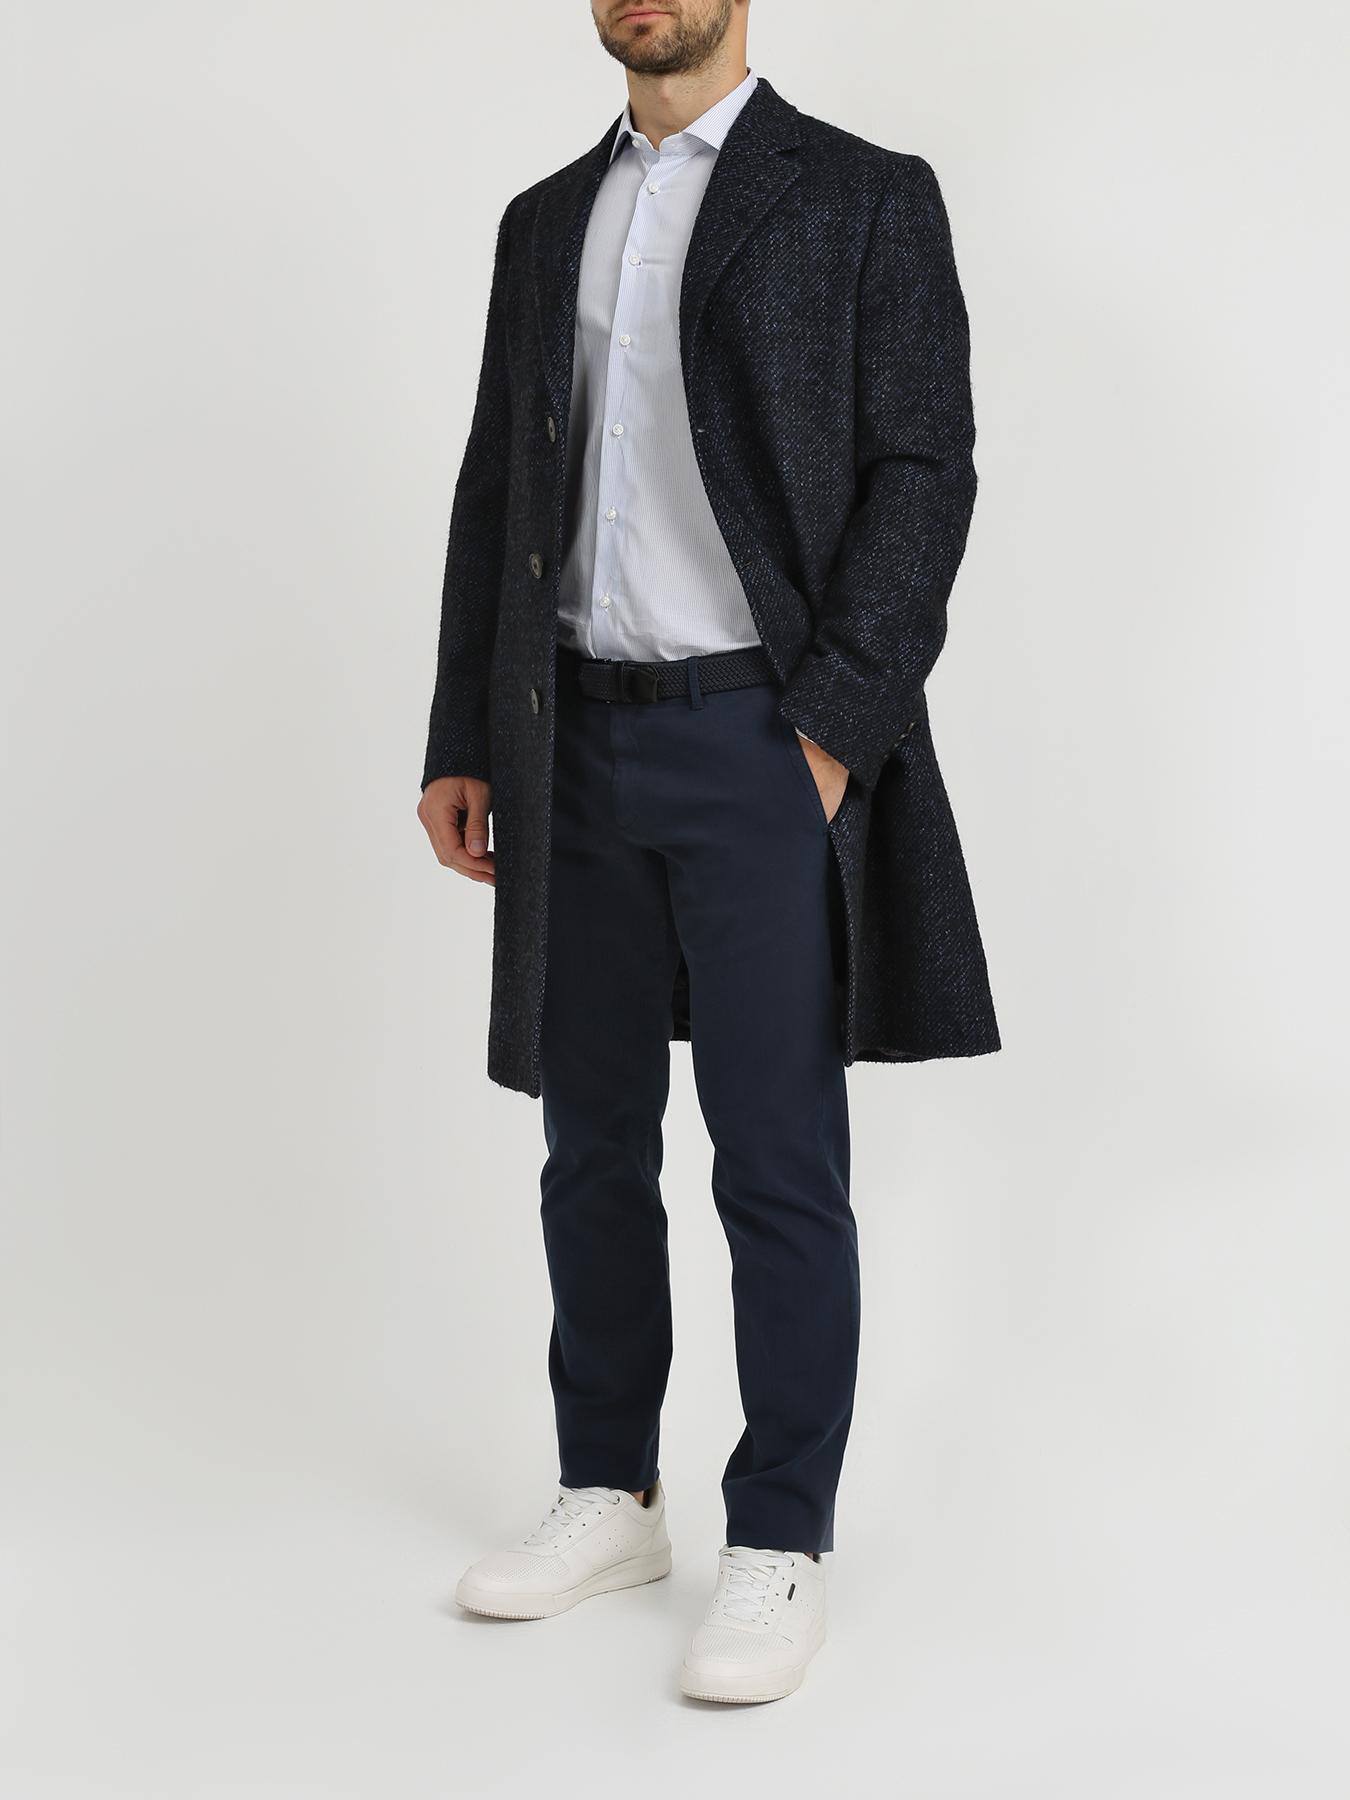 Пальто Korpo Мужское пальто